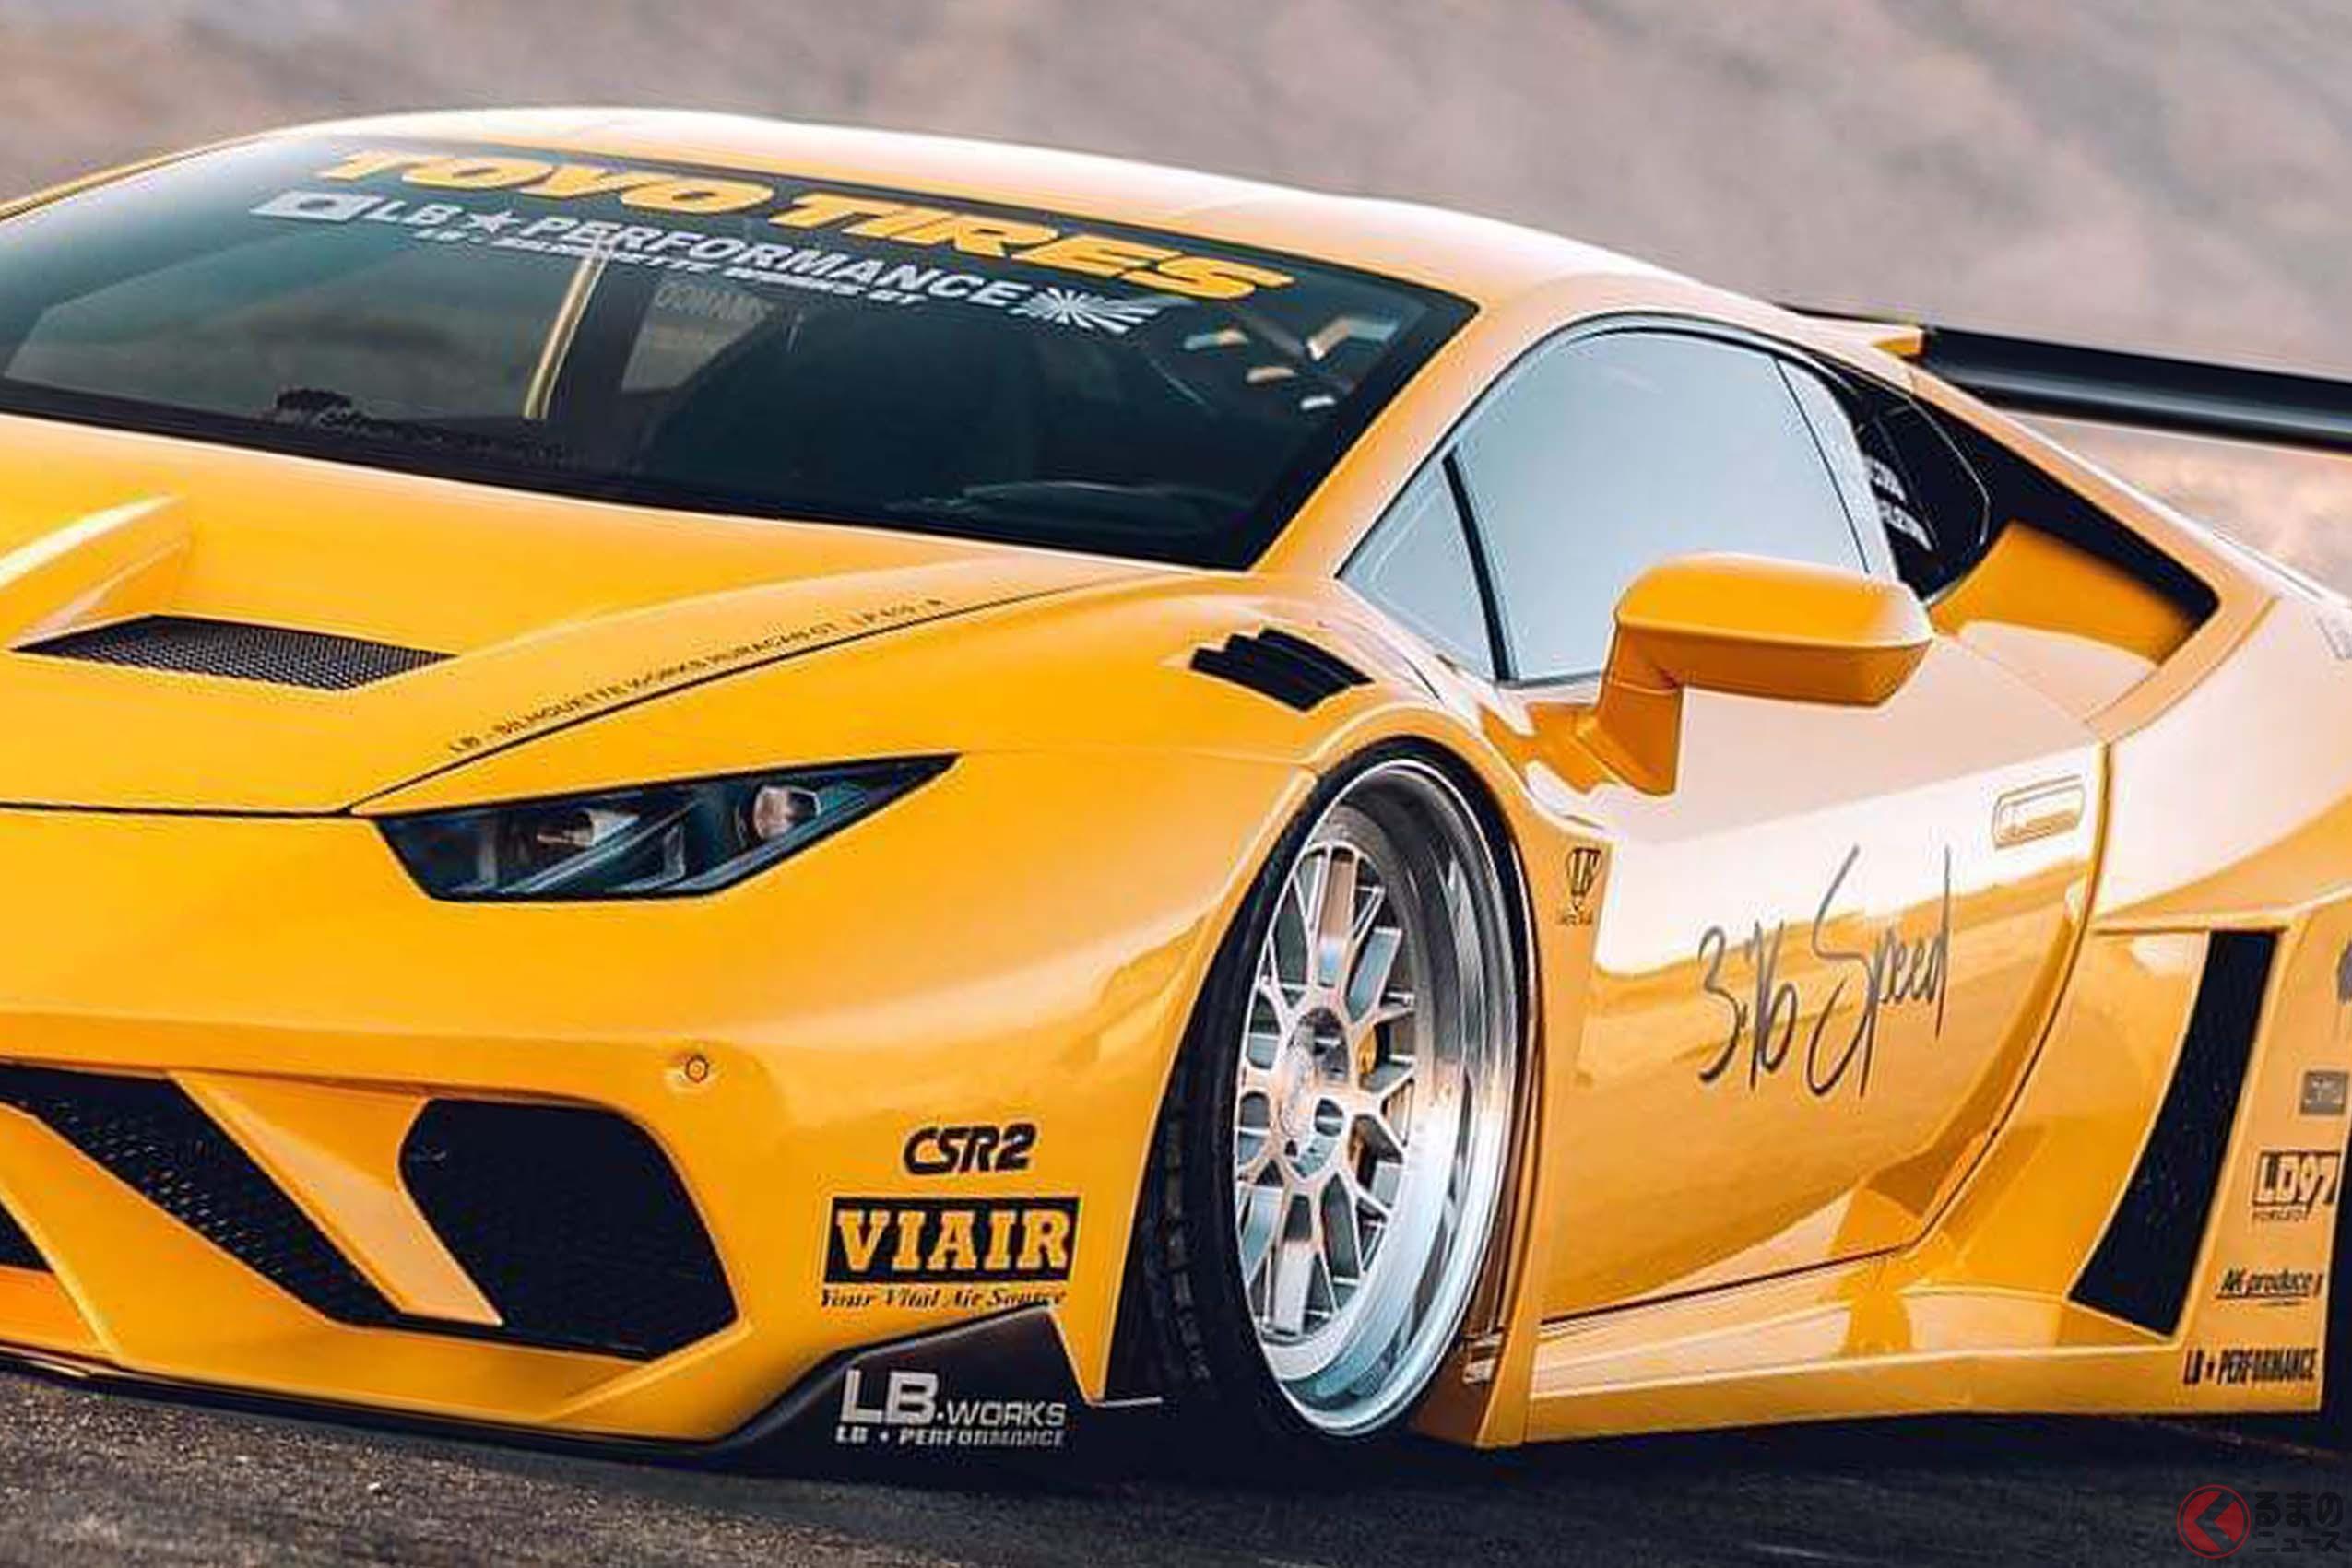 日本発祥の「族」スタイルを見事にスーパーカーに融合させたリバティウォーク。LBシルエット・ワークスGTのボディキットもウラカンにマッチしている